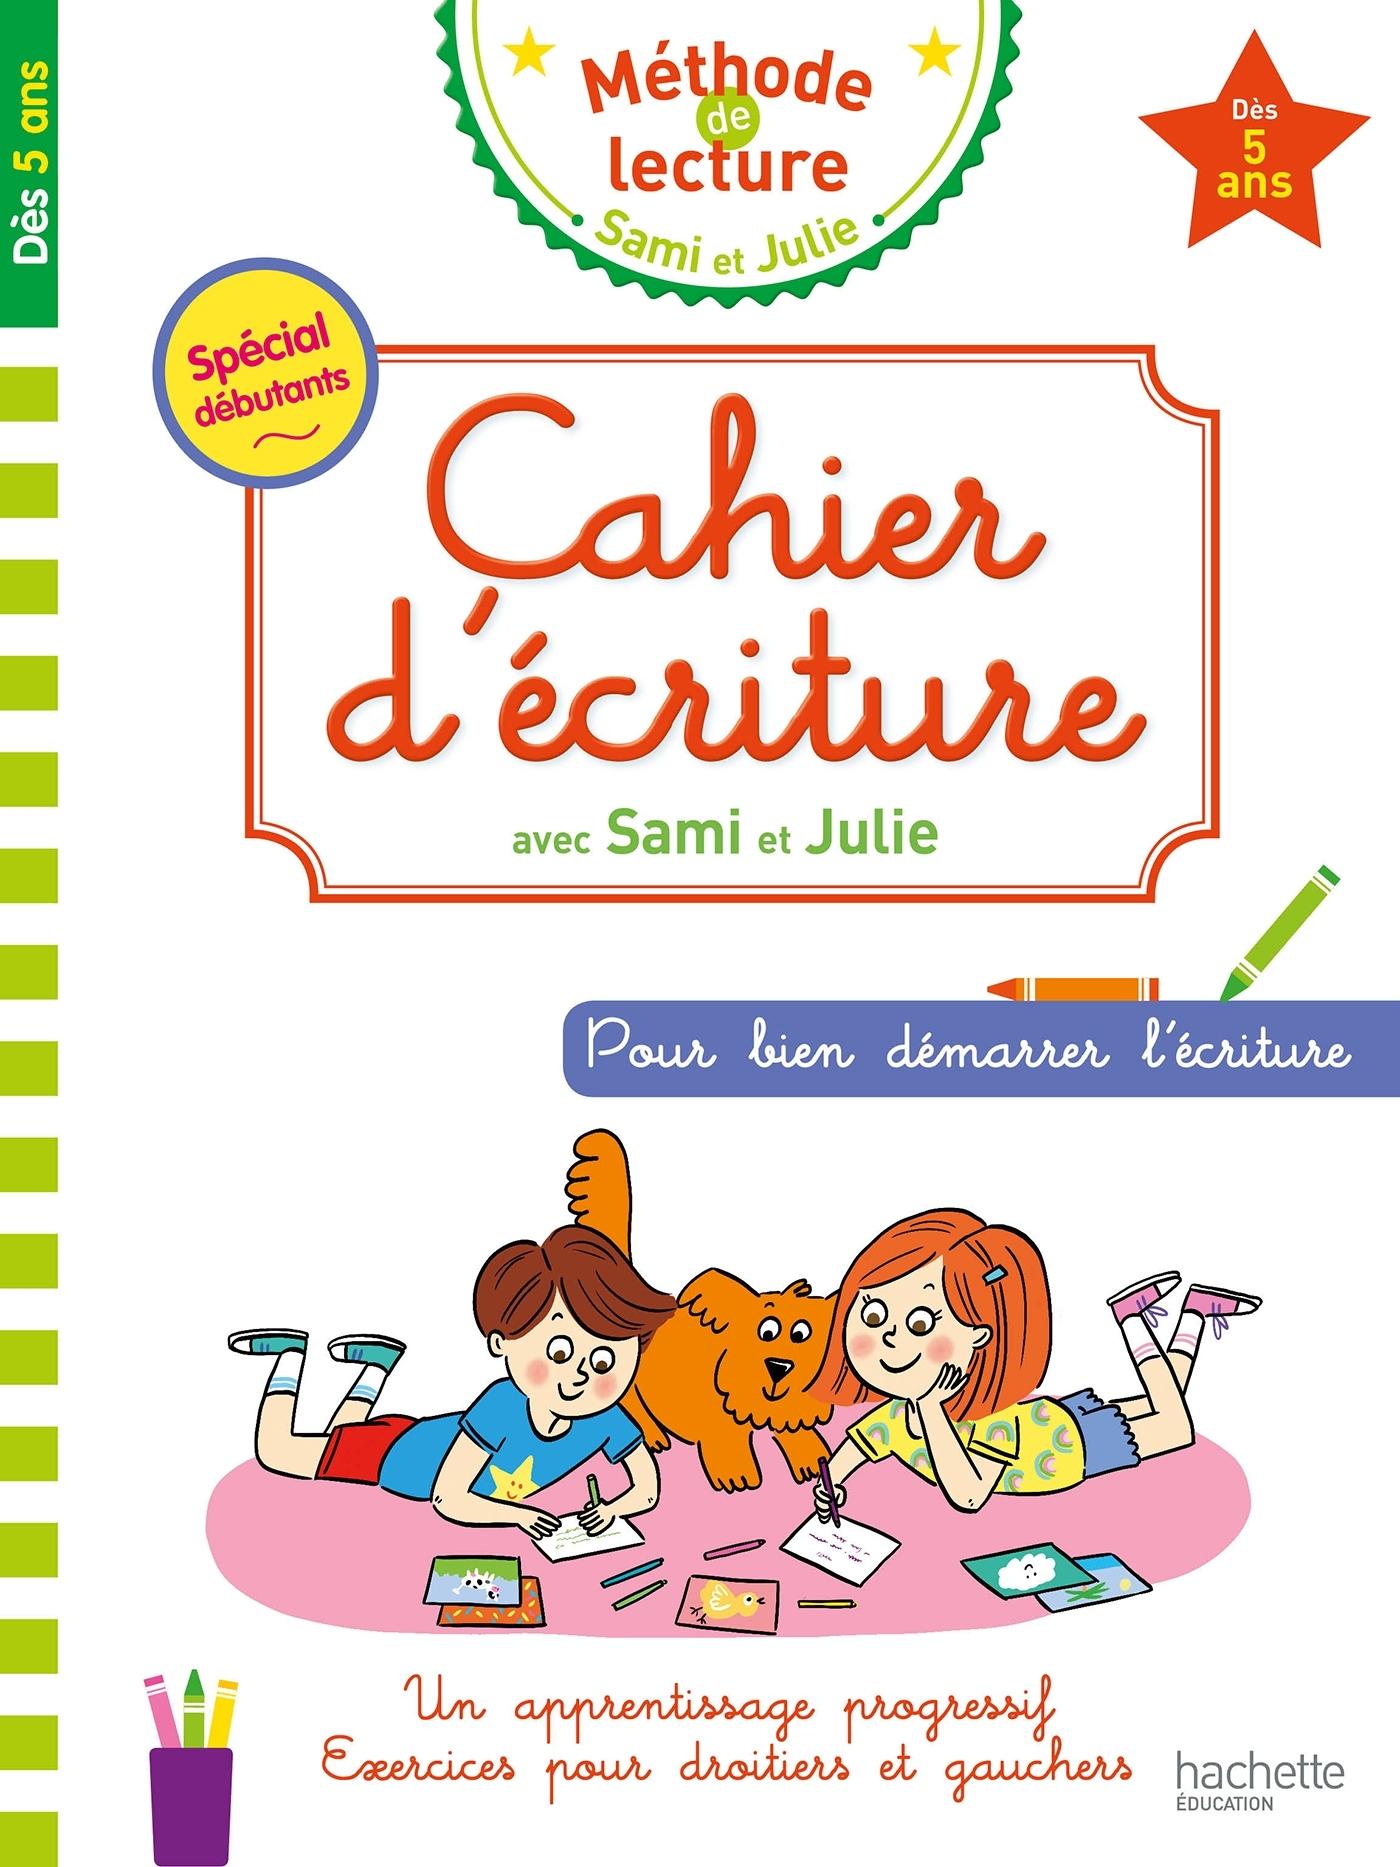 CAHIER D'ECRITURE SAMI ET JULIE DES 5 ANS